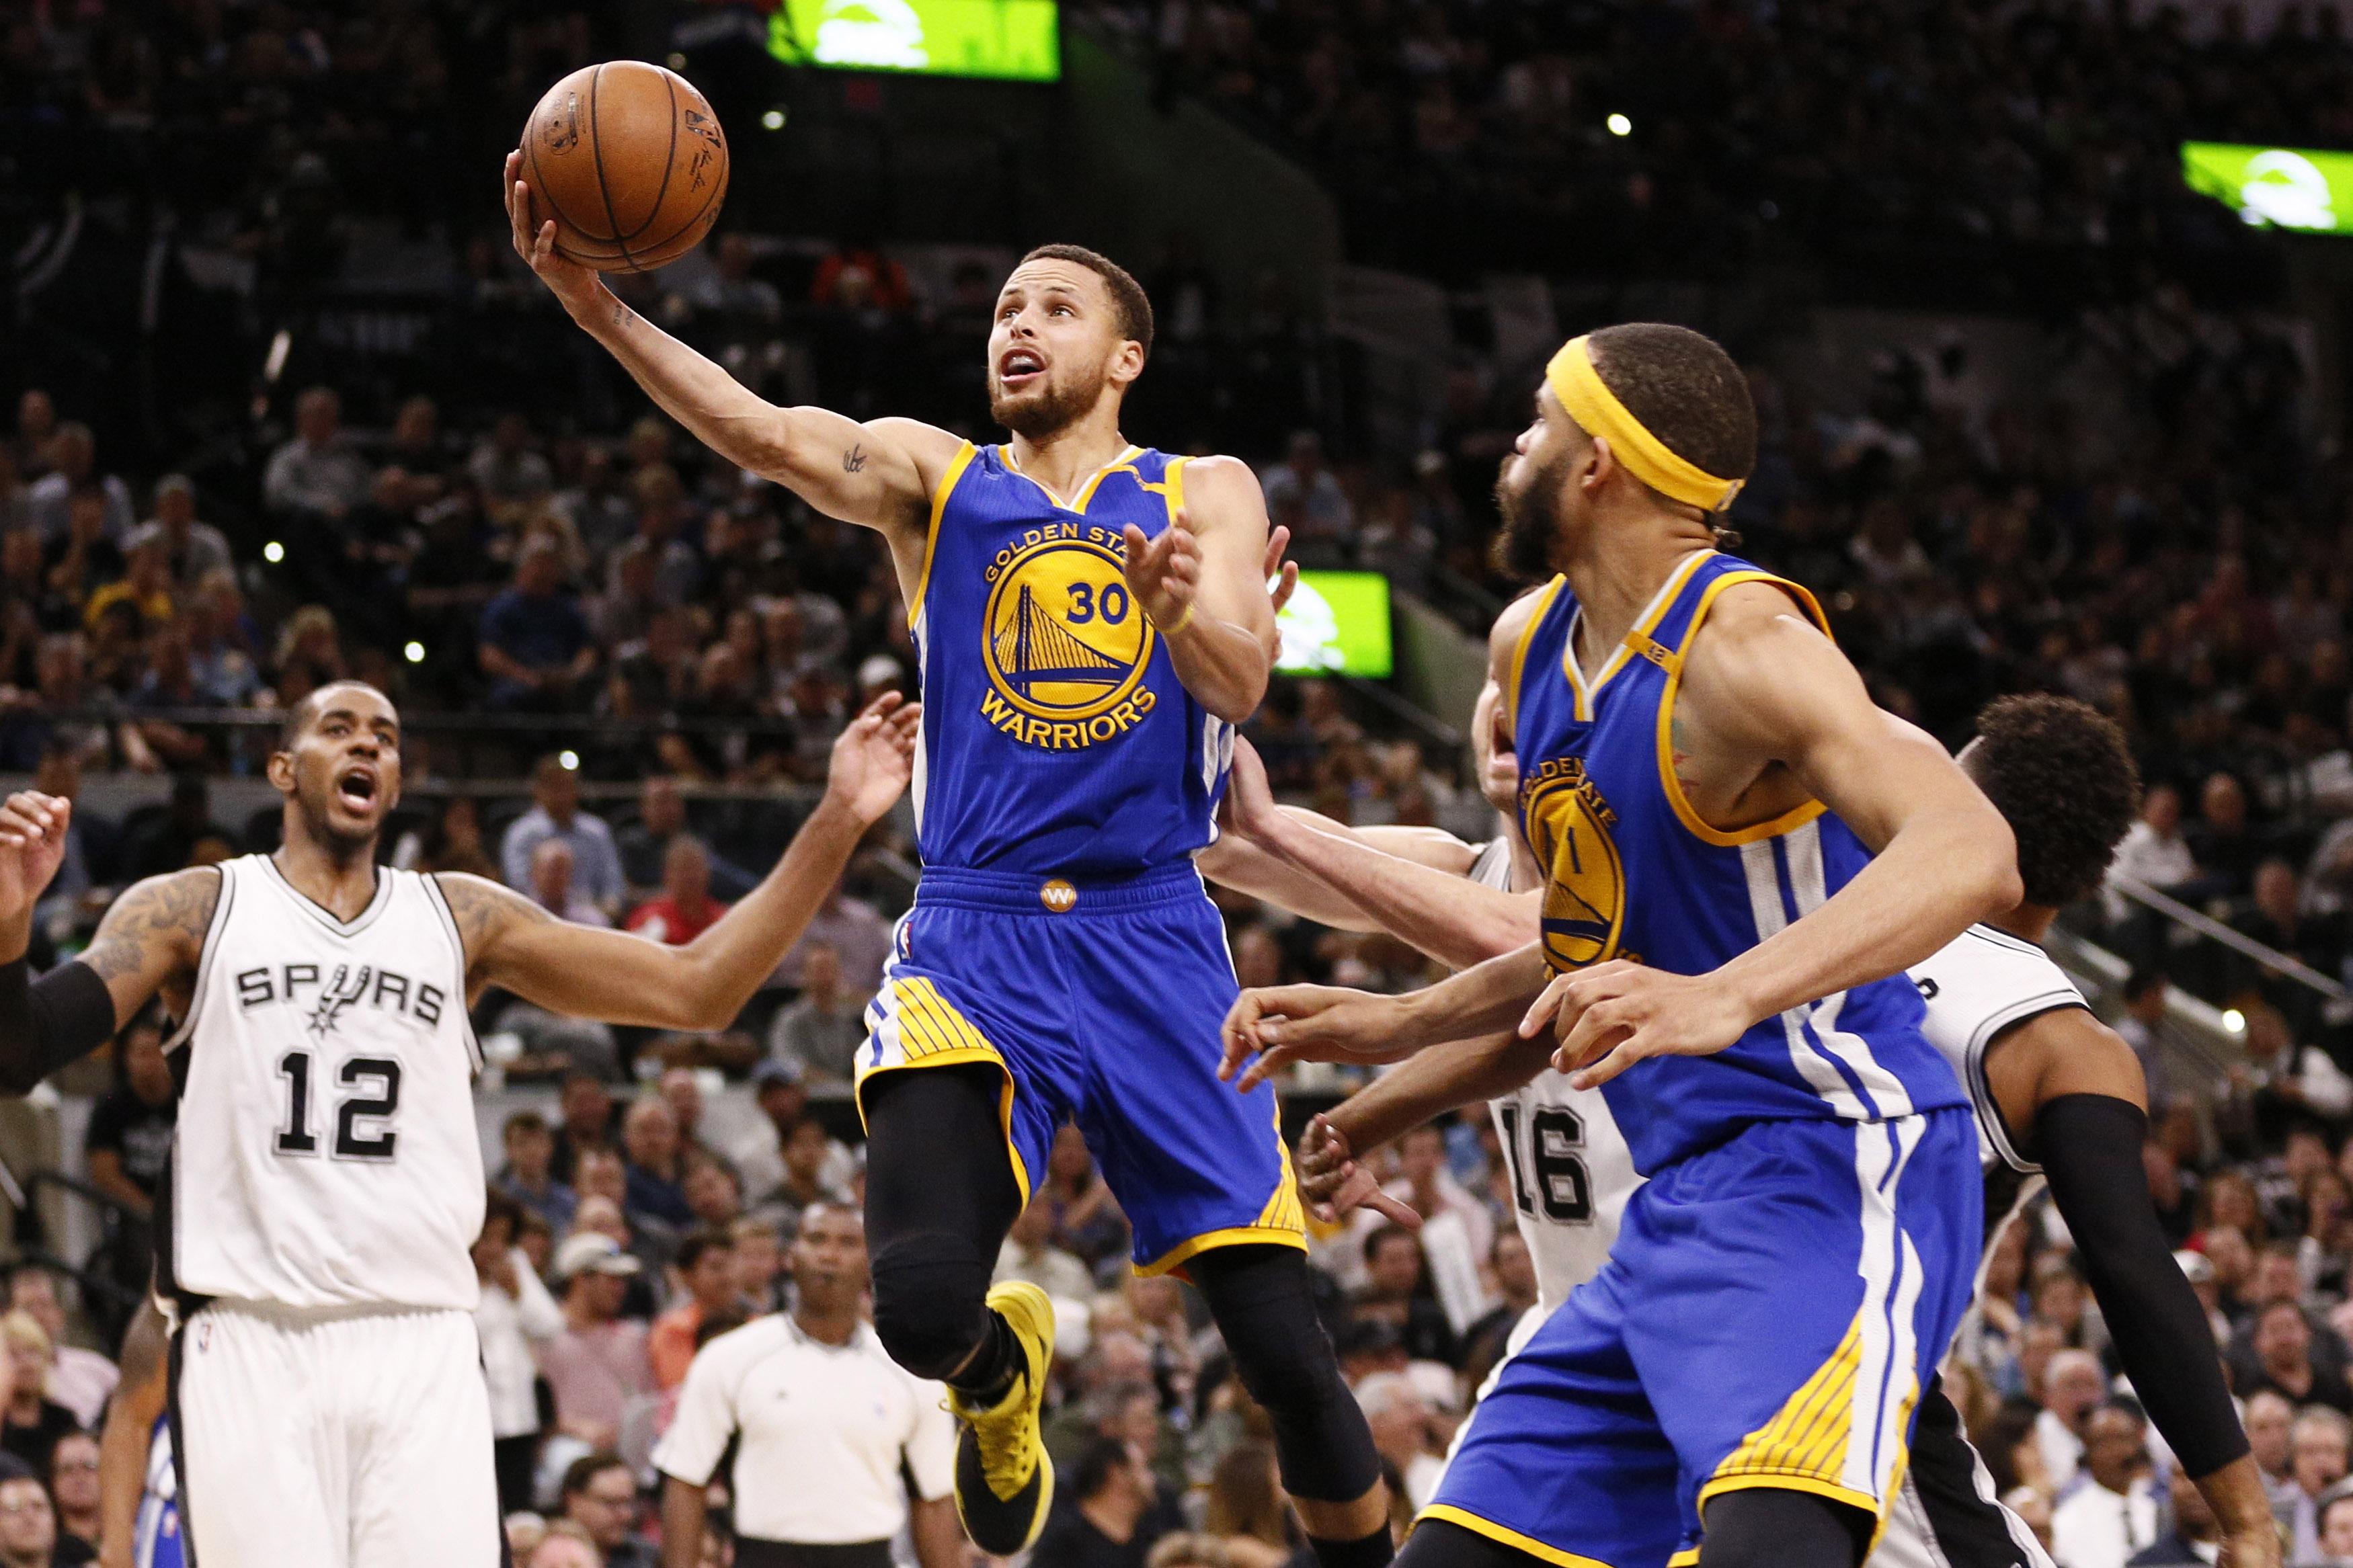 Basket - NBA - Les Warriors sont prêts pour les play-offs, Westbrook affole les compteurs